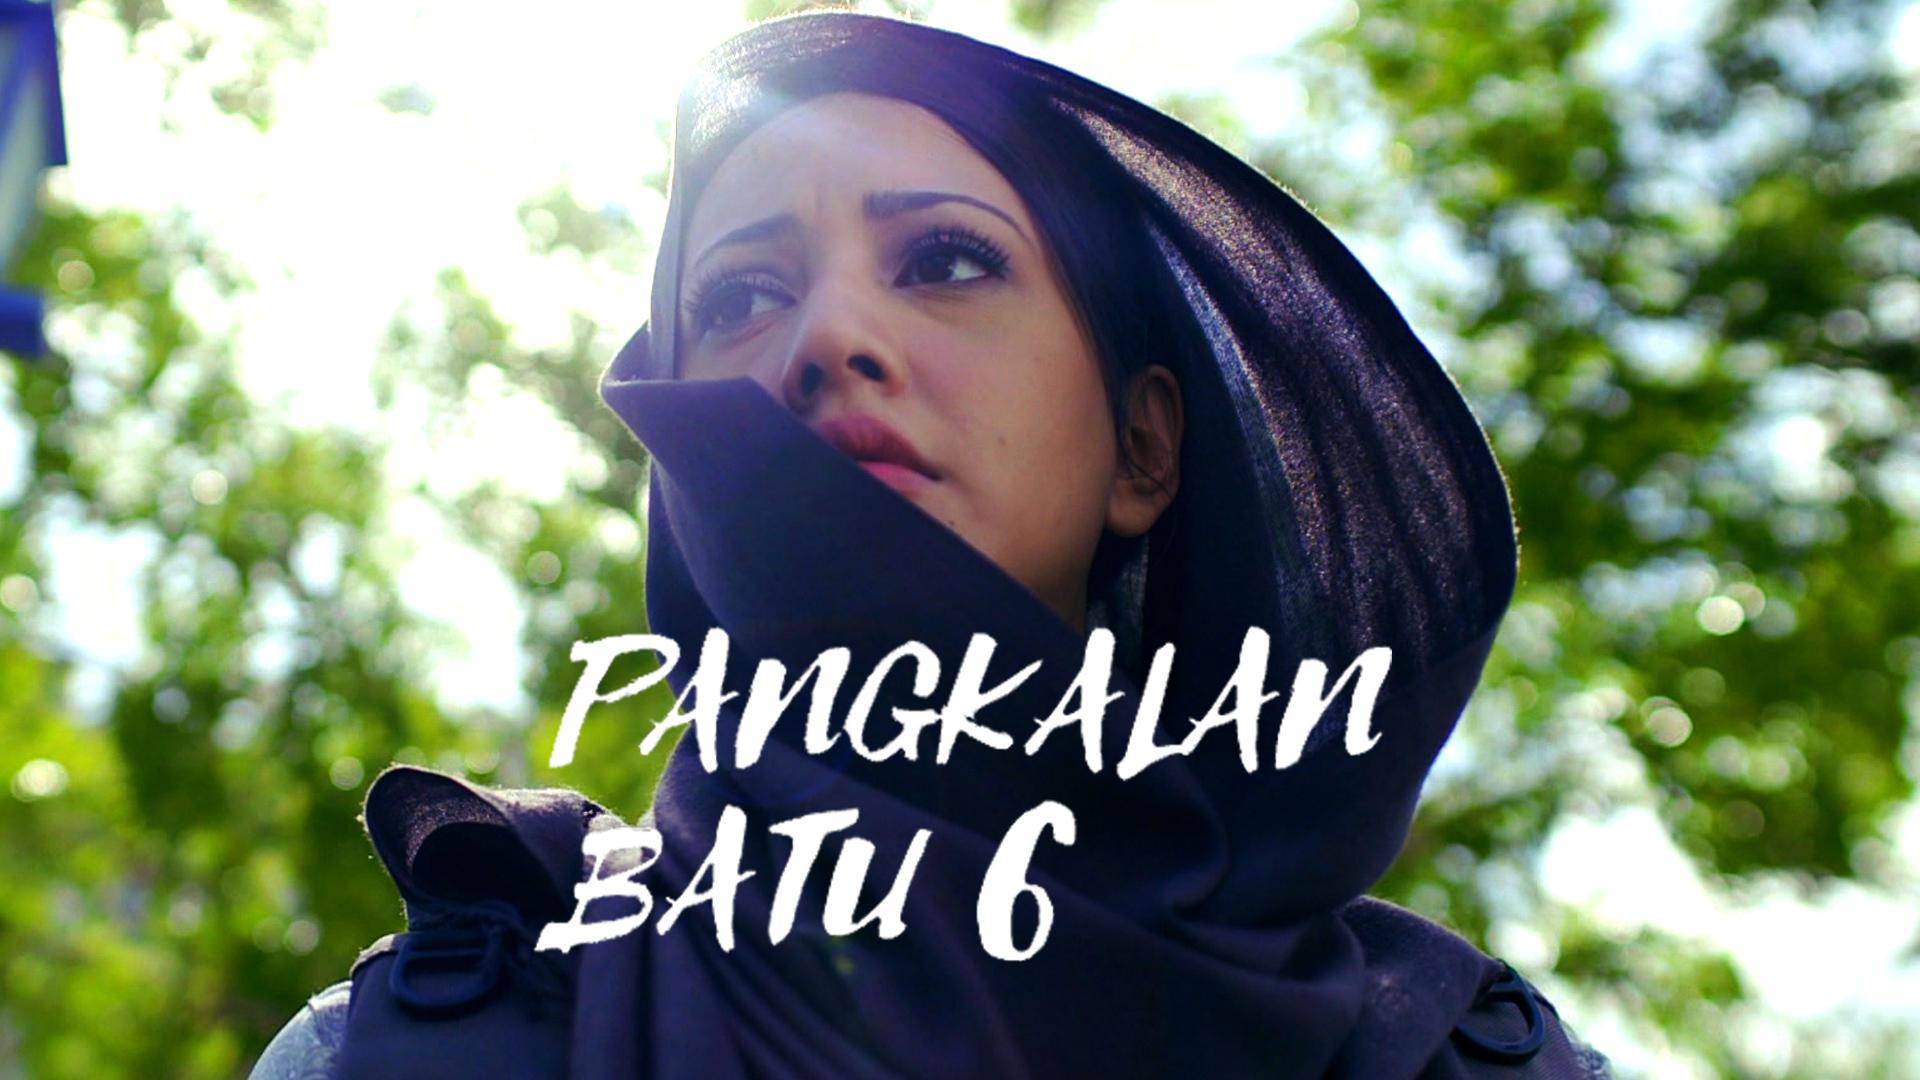 PANGKALAN BATU 6